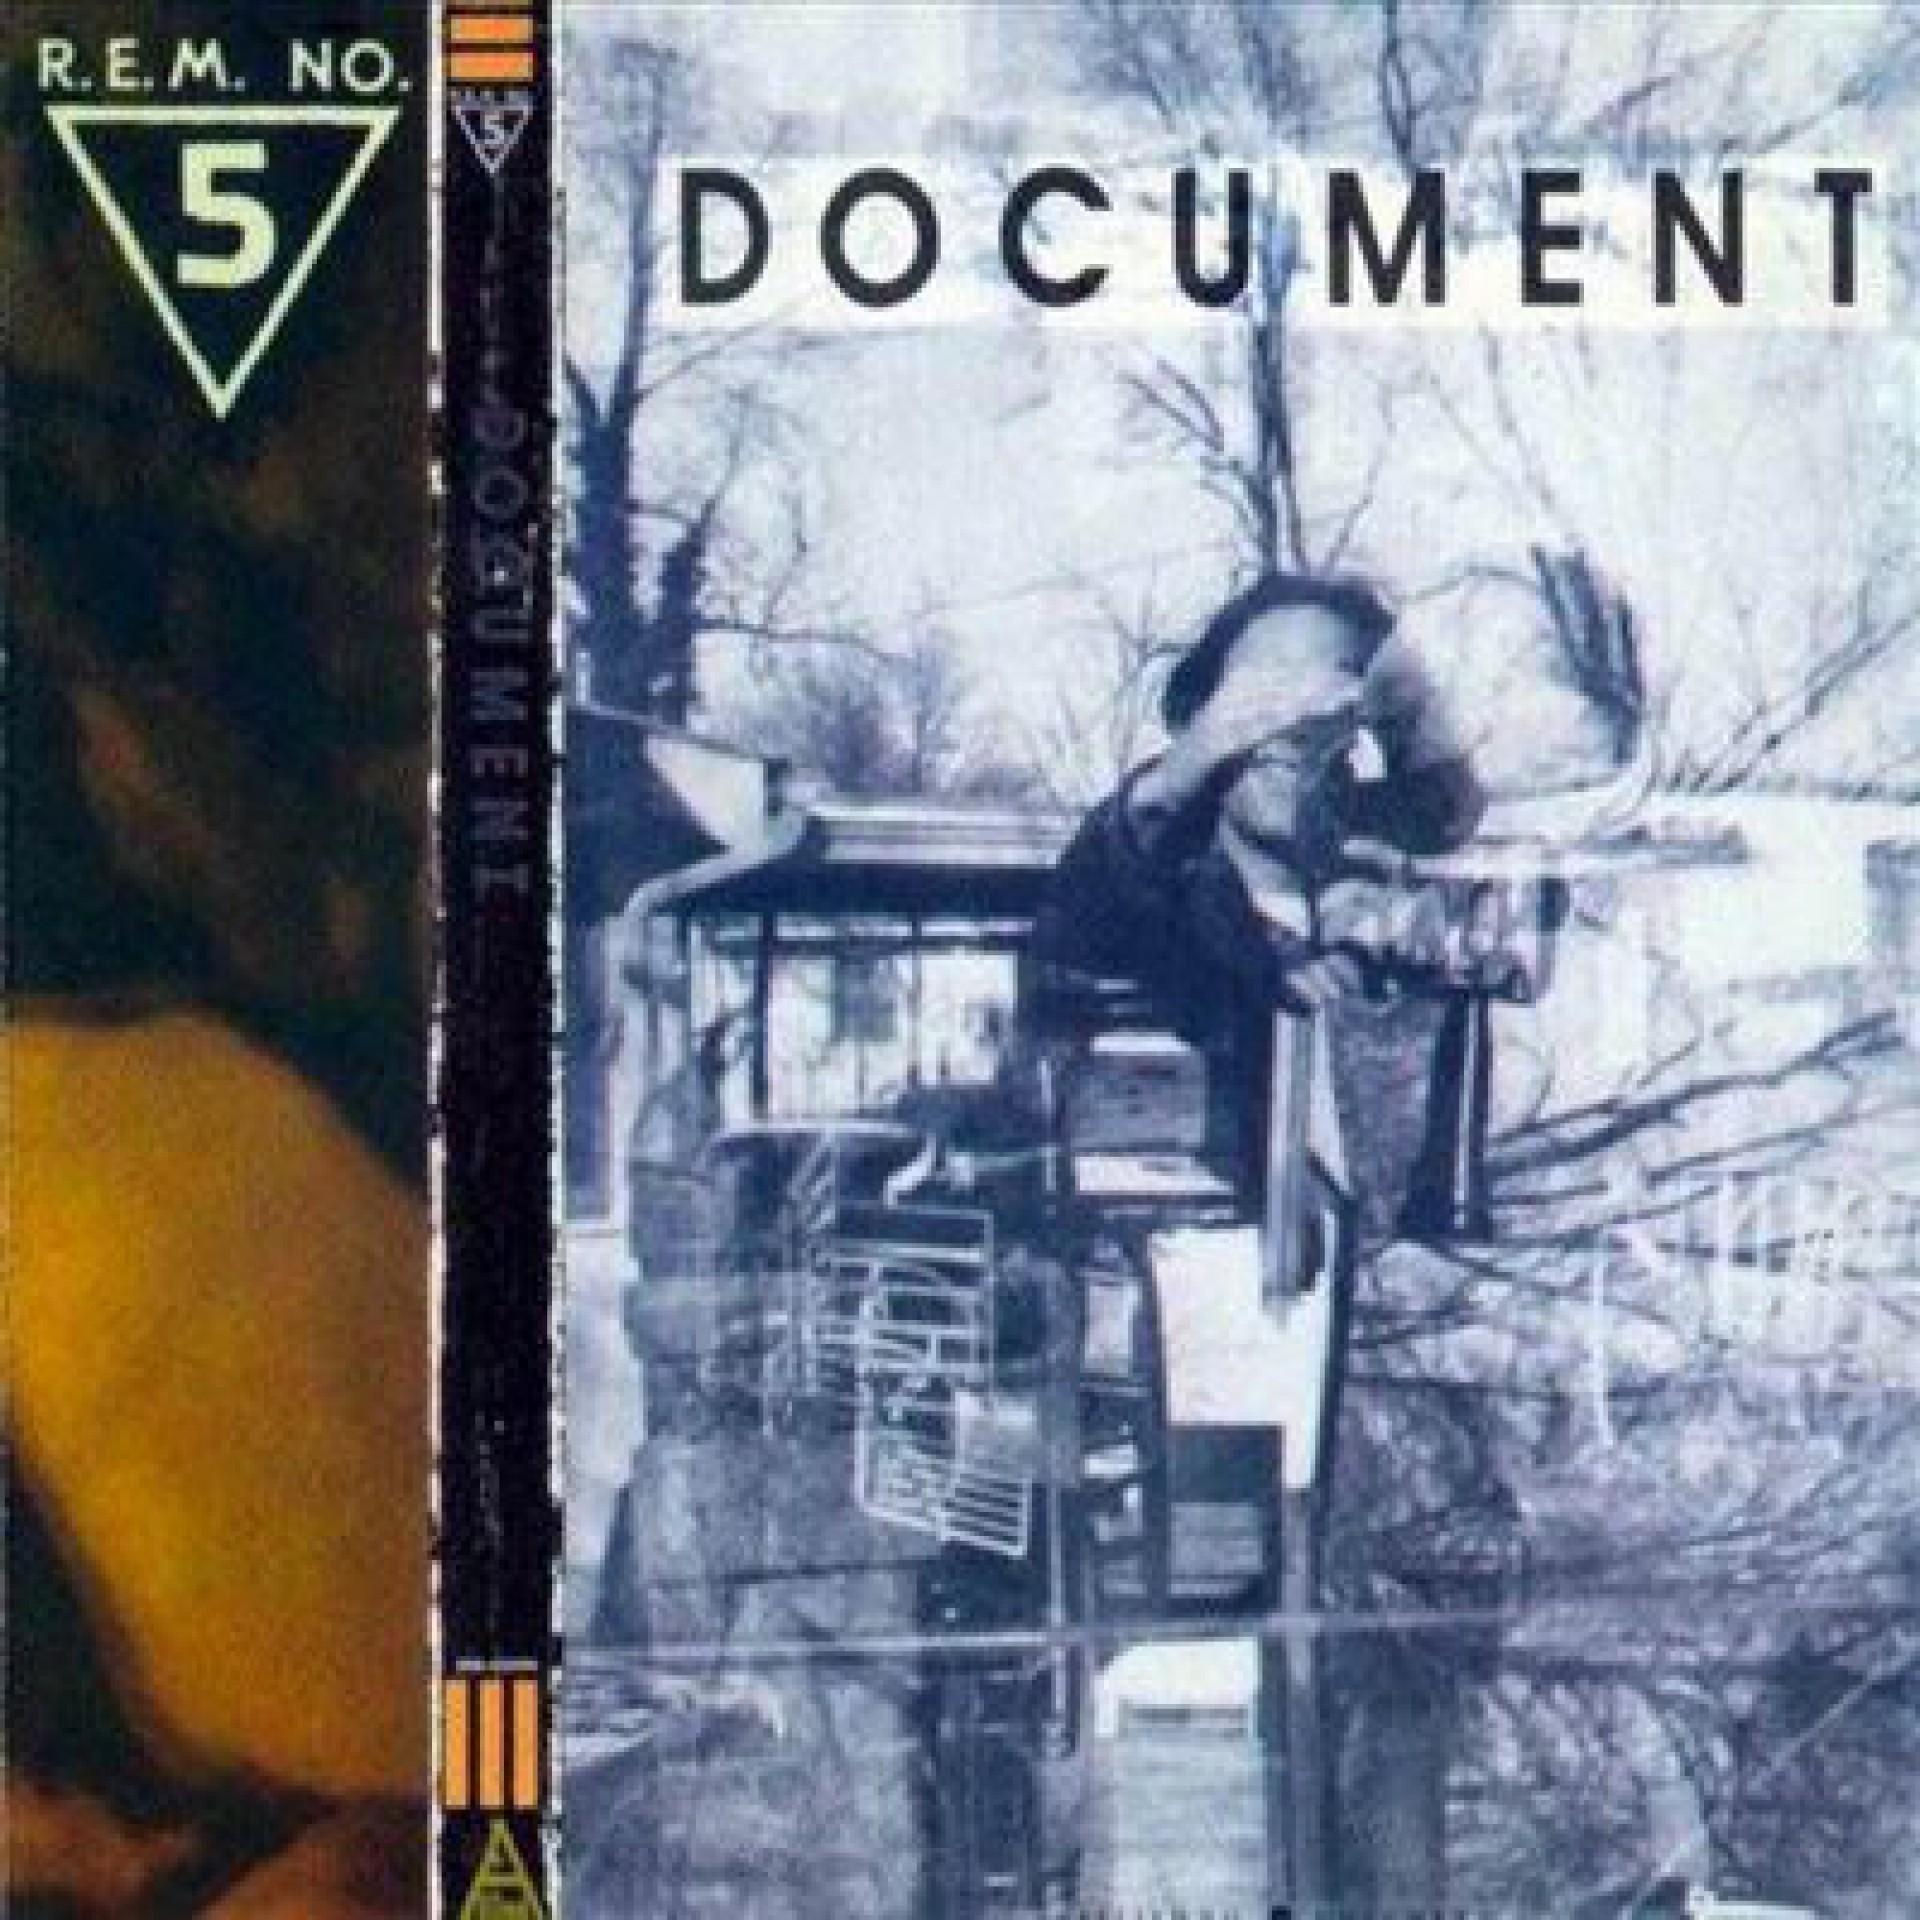 R.E.M. - Document LP